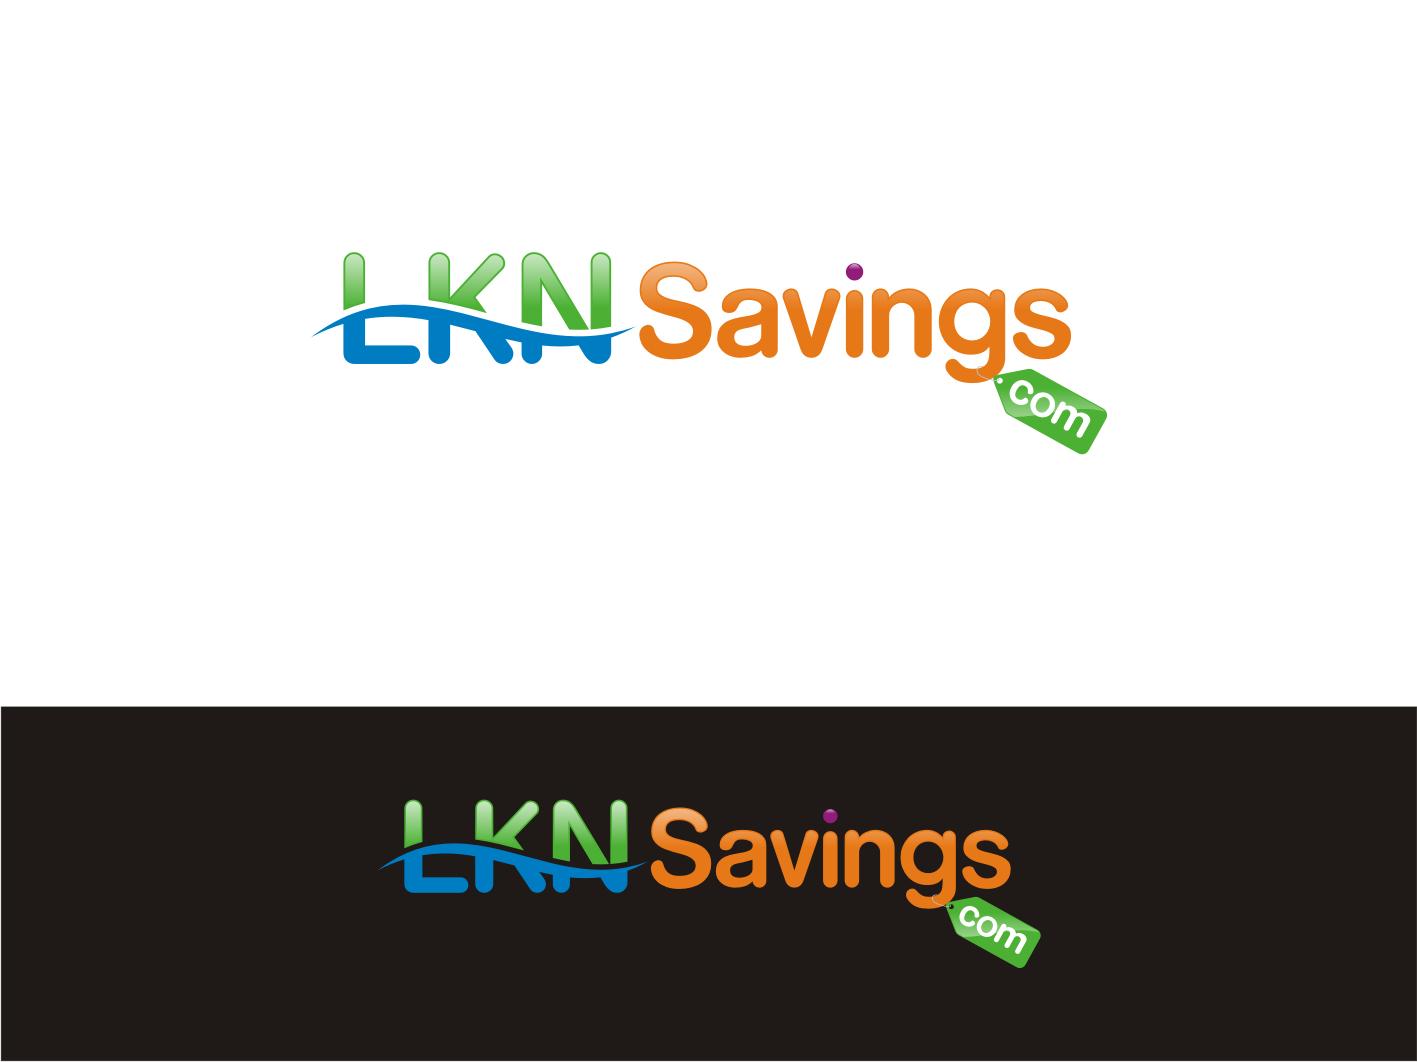 Create the next logo for LKNSavings.com!